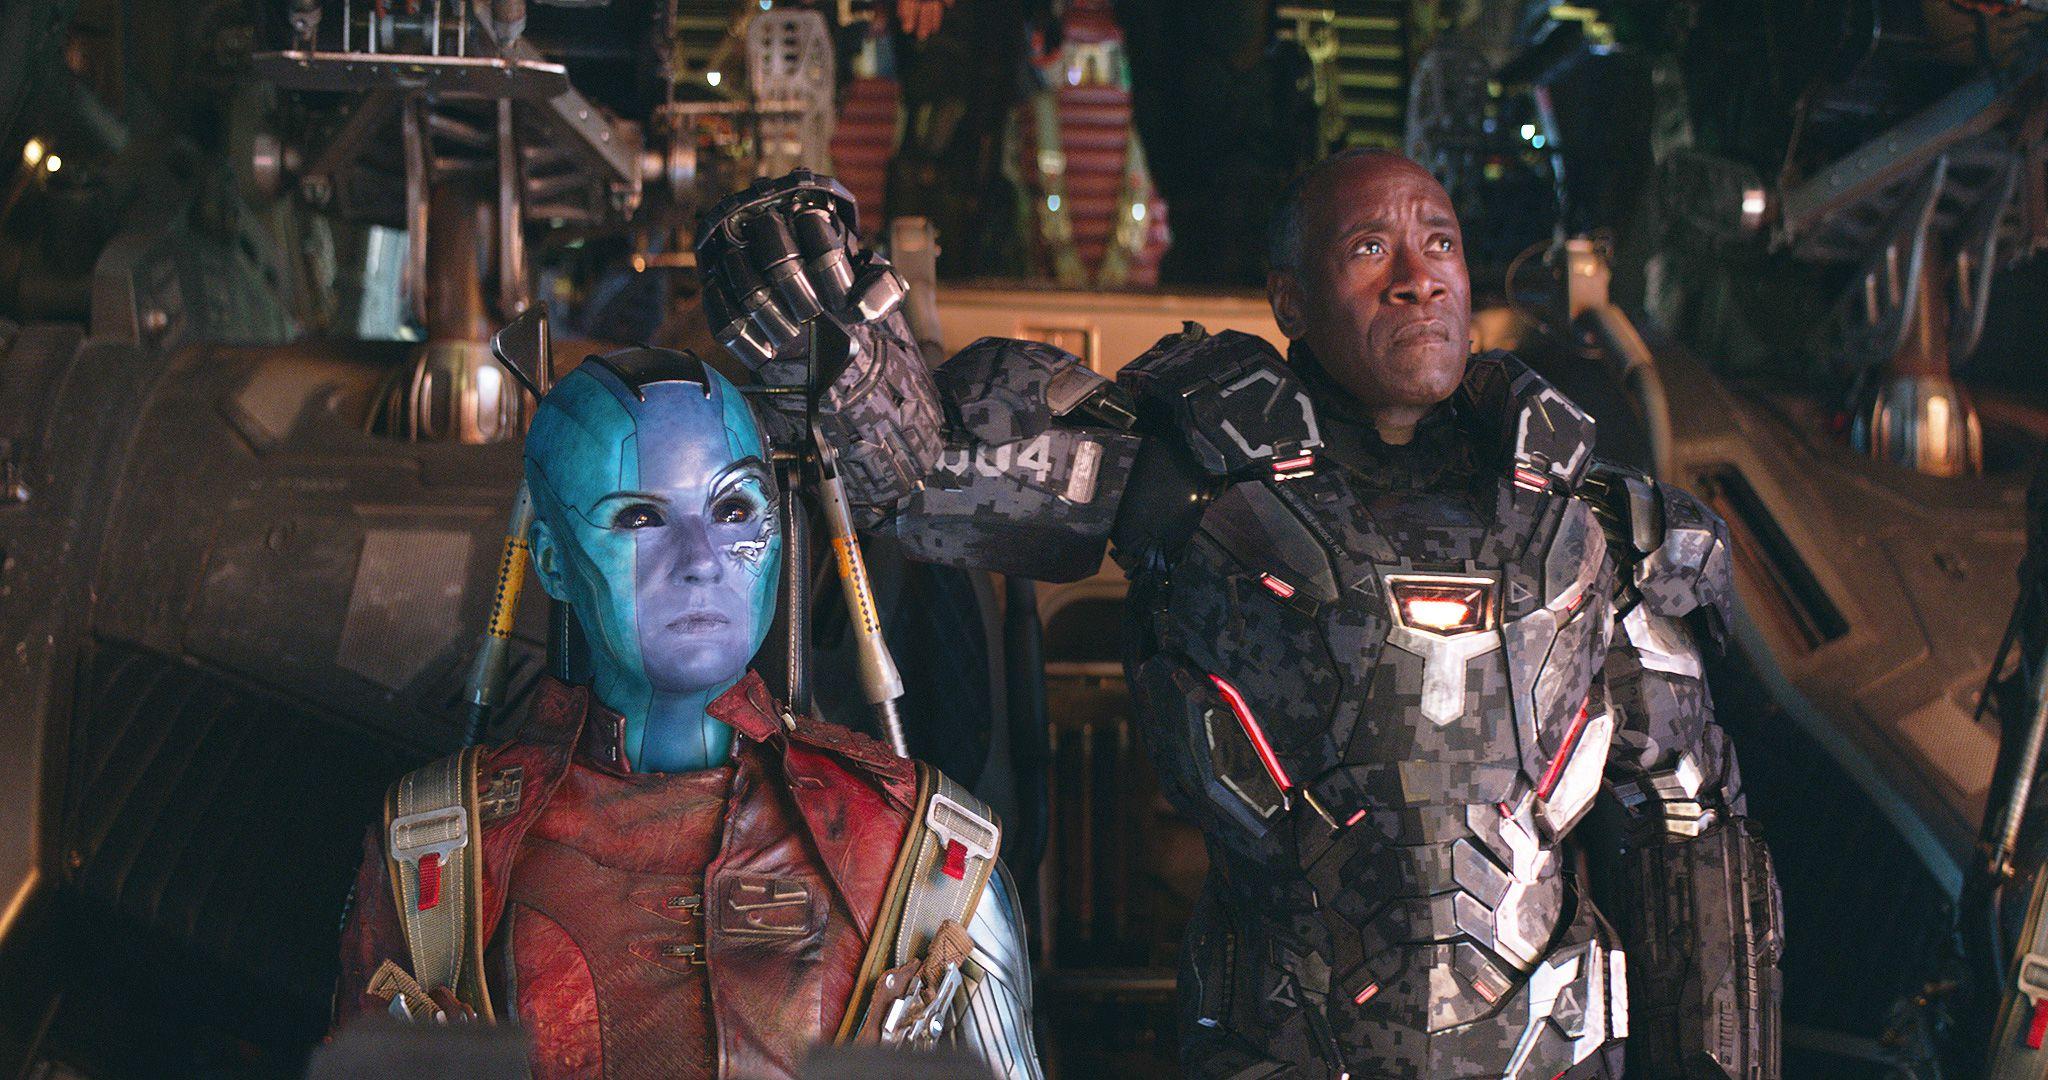 avengers-endgame-18-1556027031.jpg